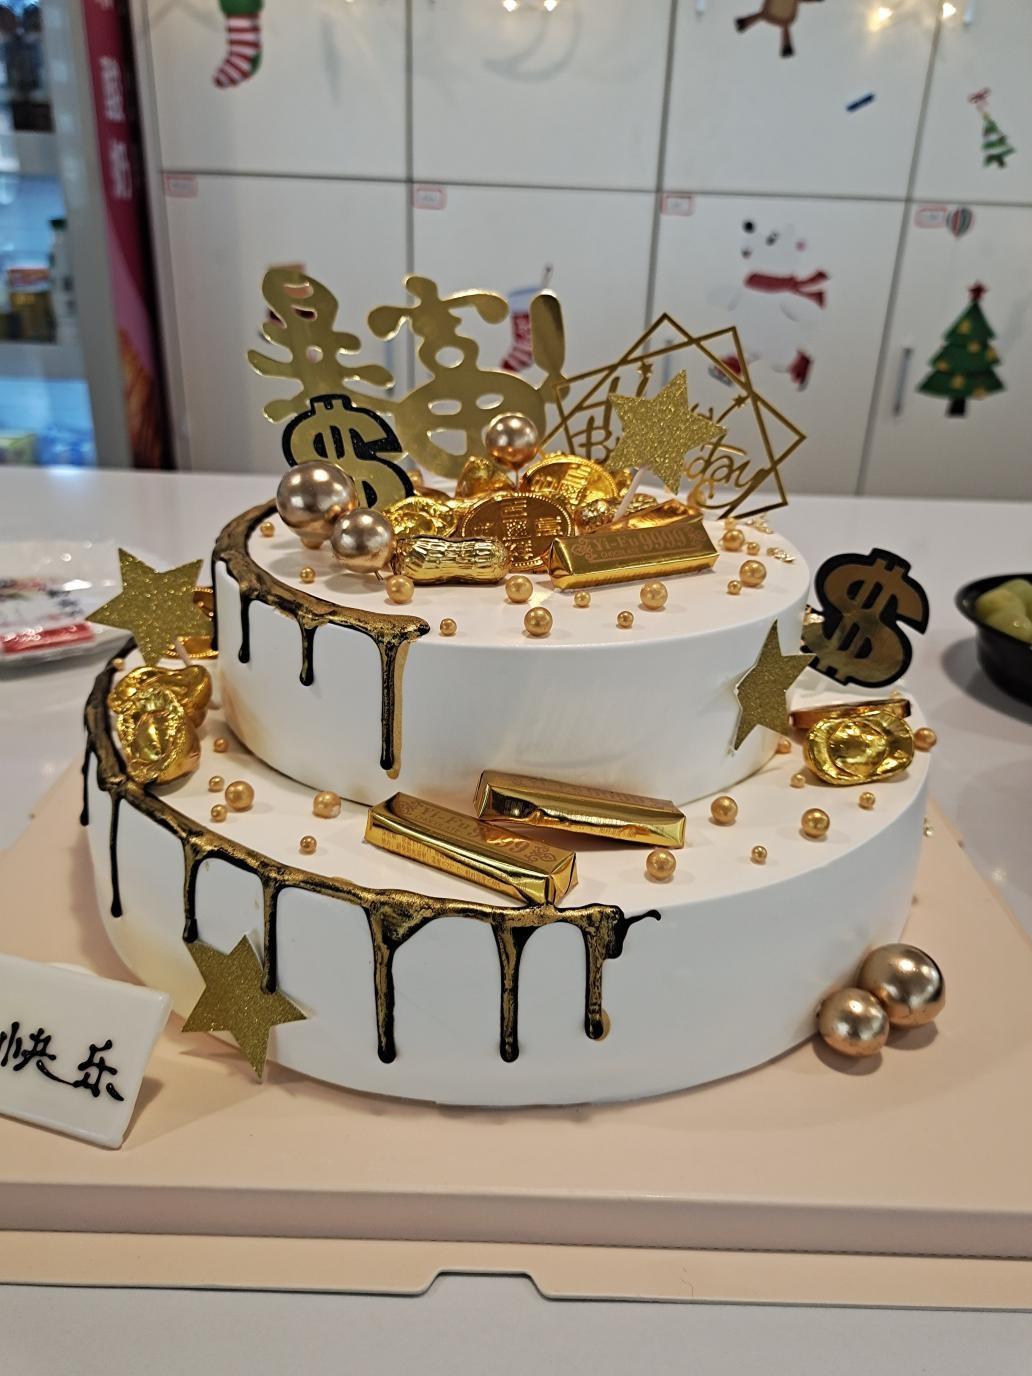 12月生日会&圣诞派对|美好时光,你我同行